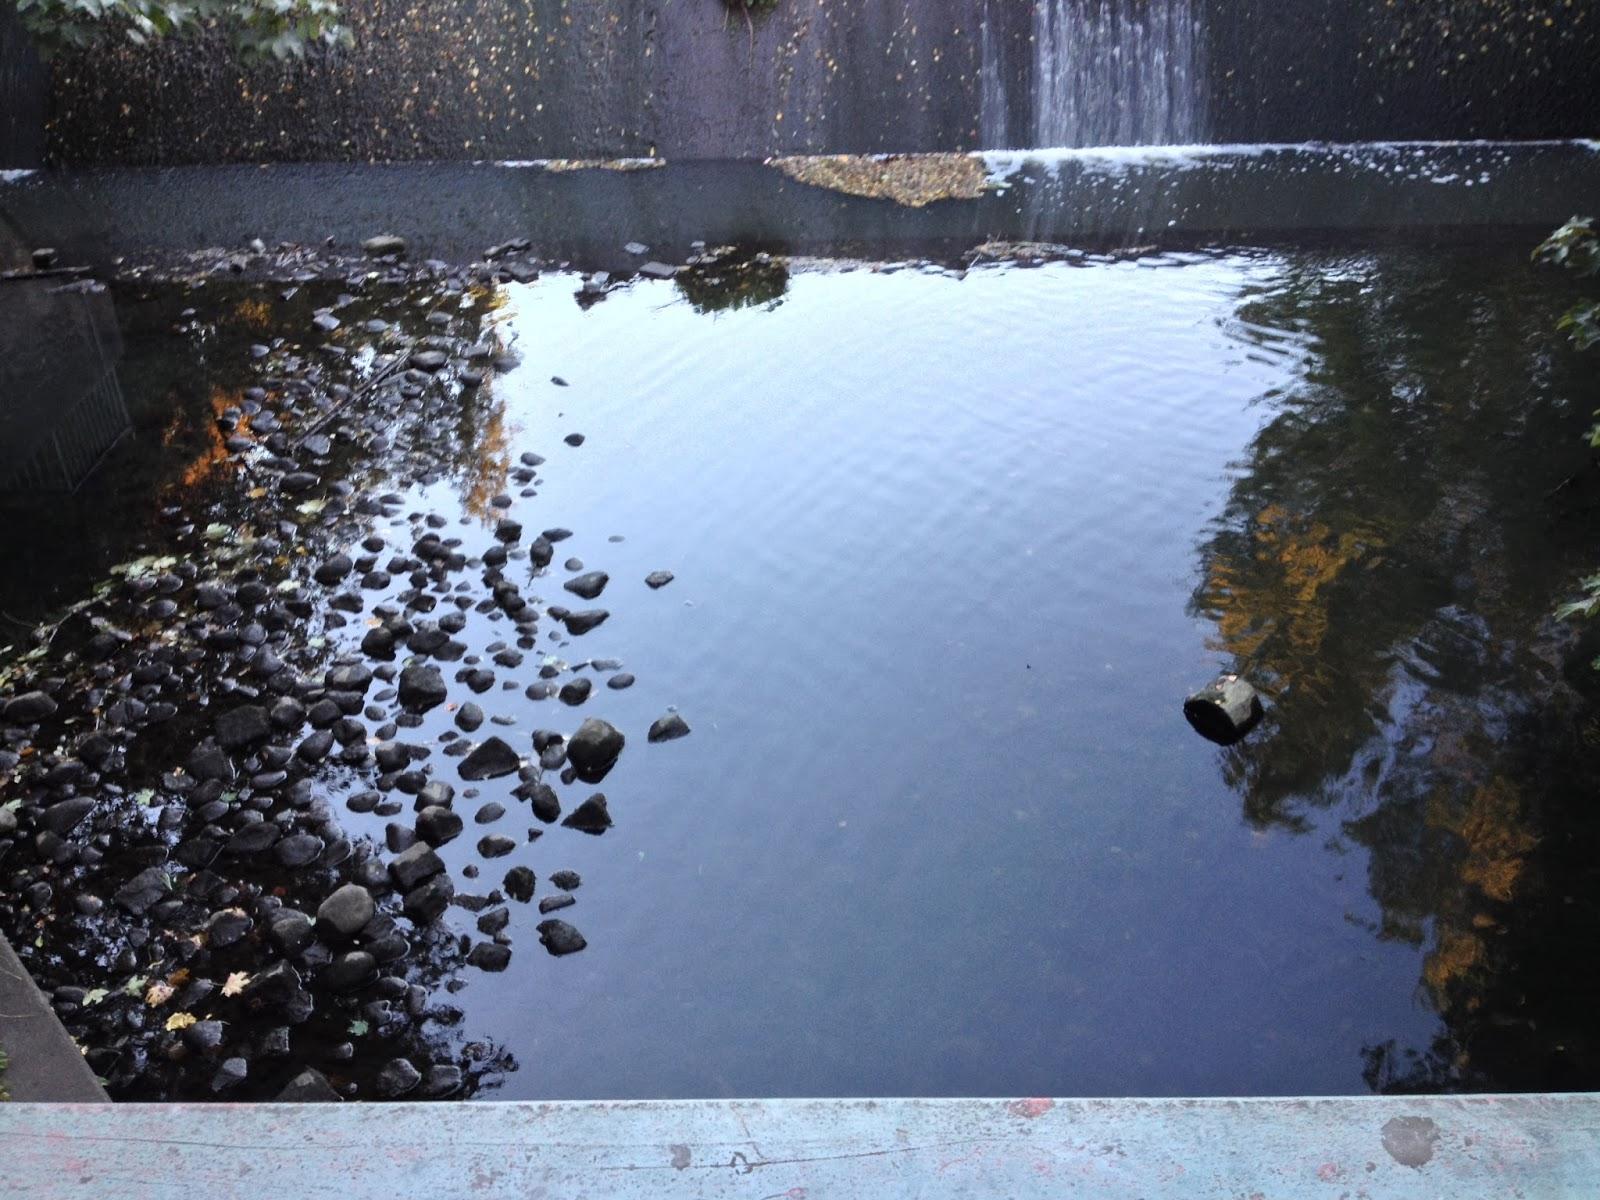 Stauwehr, Wasser, Steine im Wasser